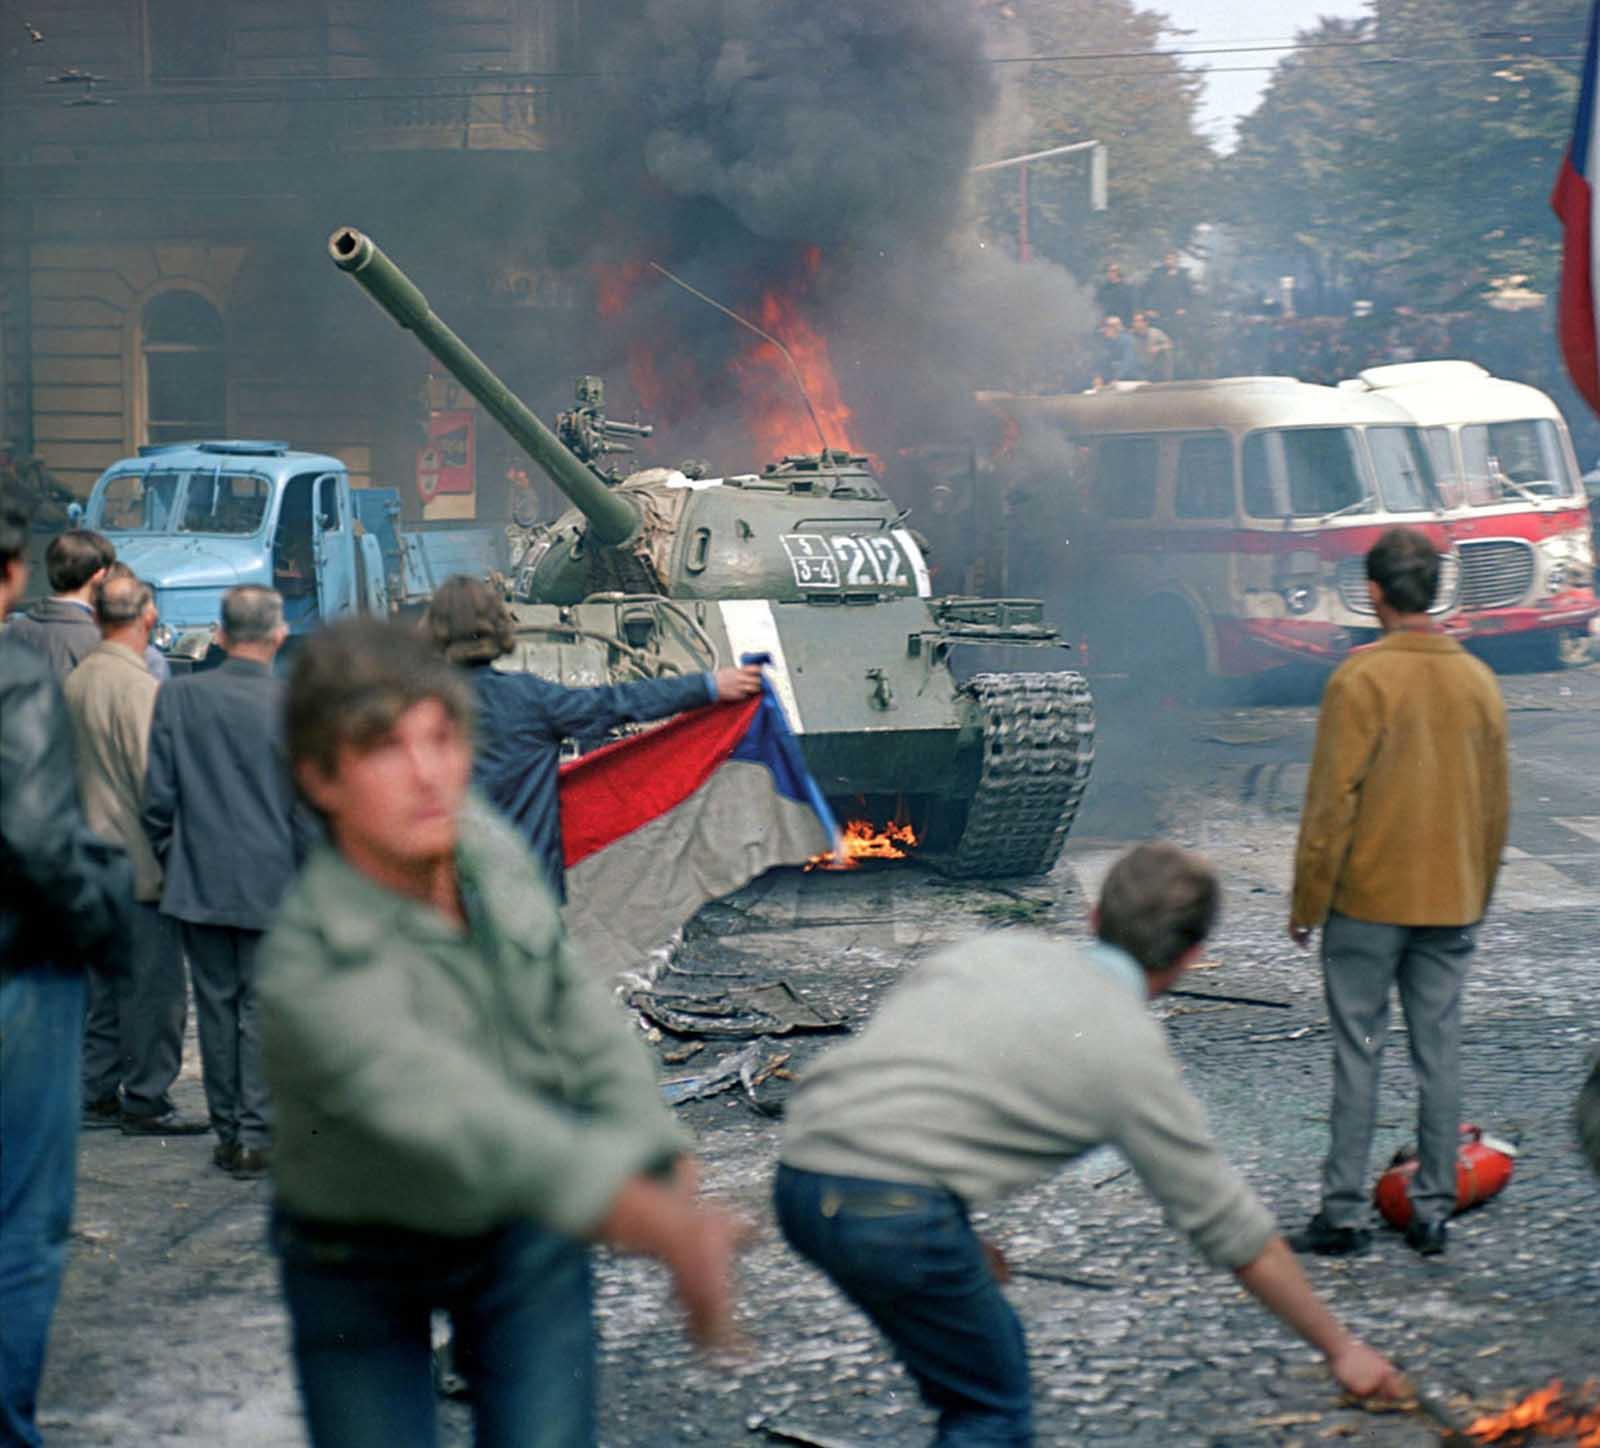 Los residentes de Praga, portando una bandera checoslovaca y lanzando cócteles molotov, intentan detener un tanque soviético en el centro de Praga el 21 de agosto de 1968.